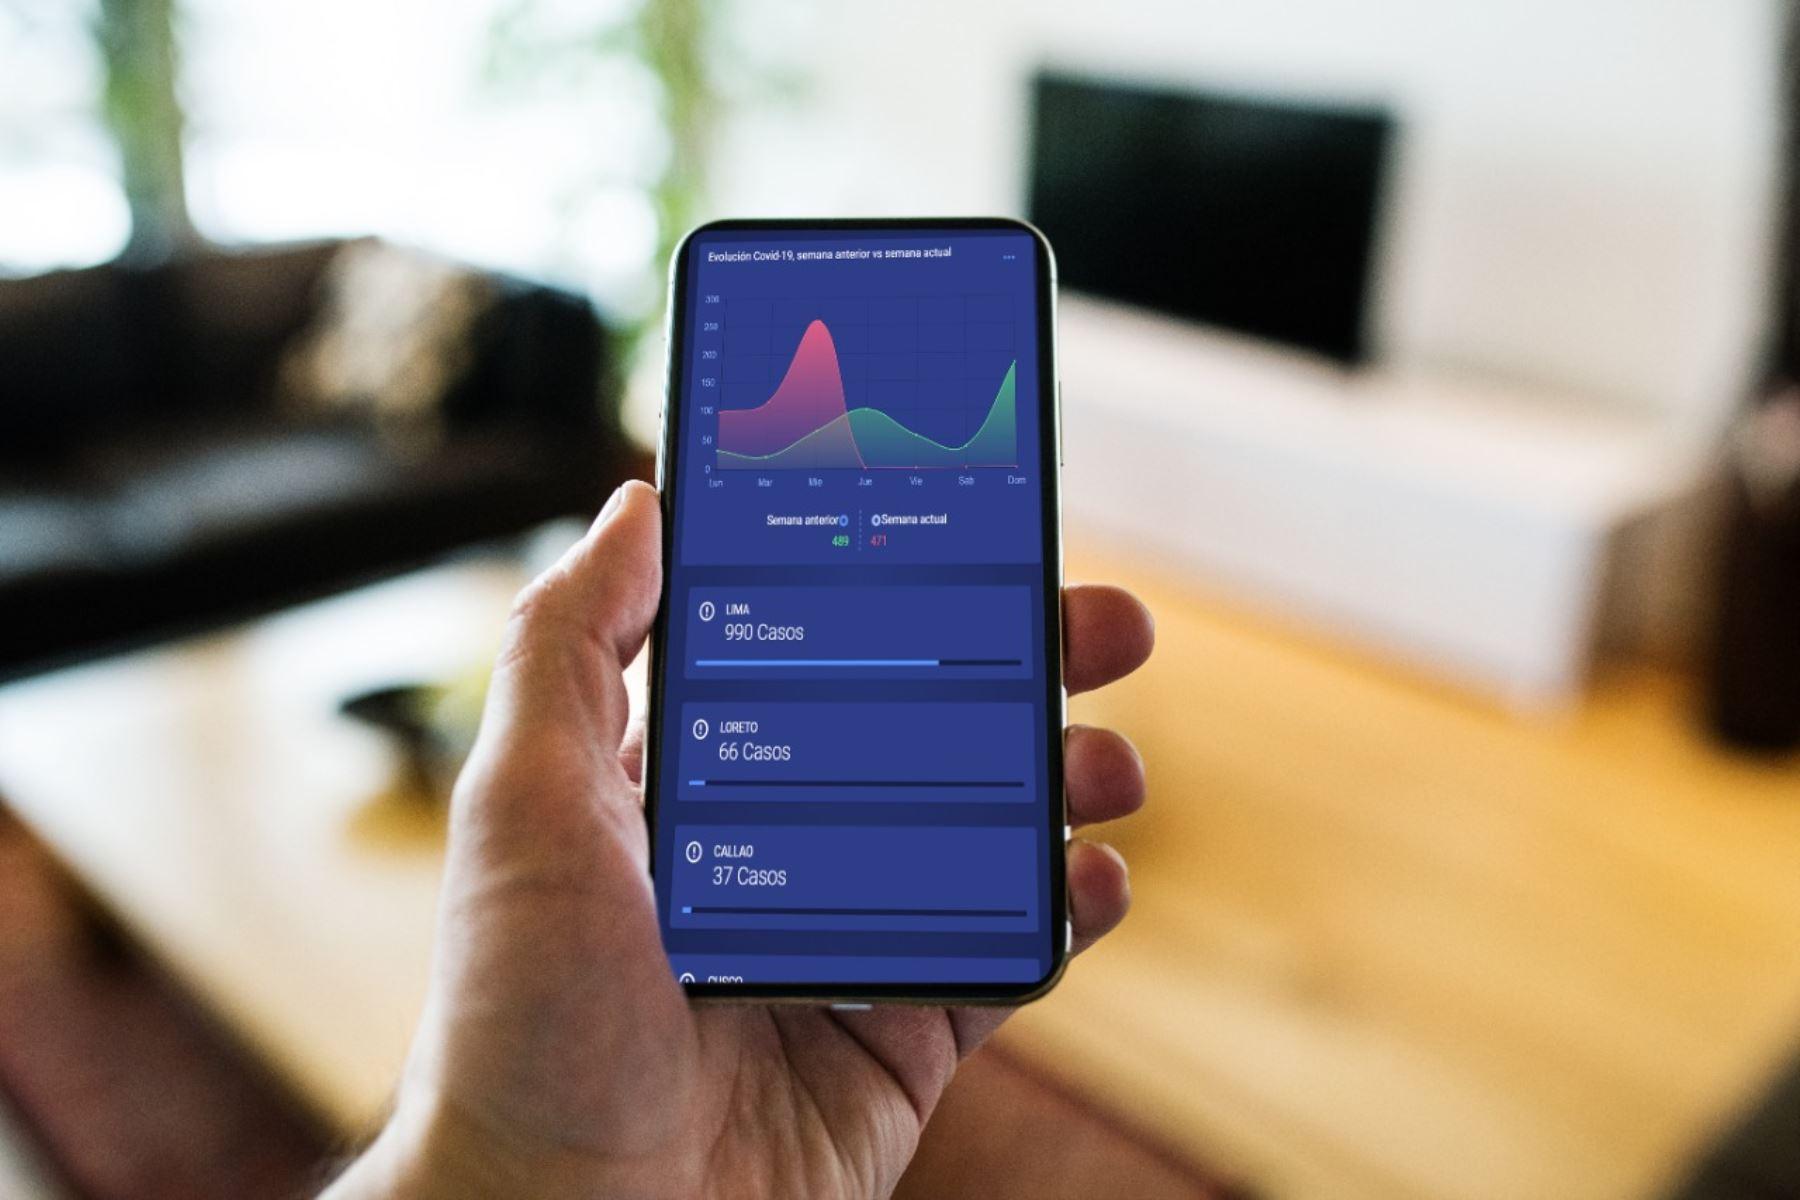 Startup presenta en Loreto novedoso aplicativo móvil que ayudaría a detectar el coronavirus (covid-19). En Iquitos se desarrolló con éxito un piloto. ANDINA/Difusión